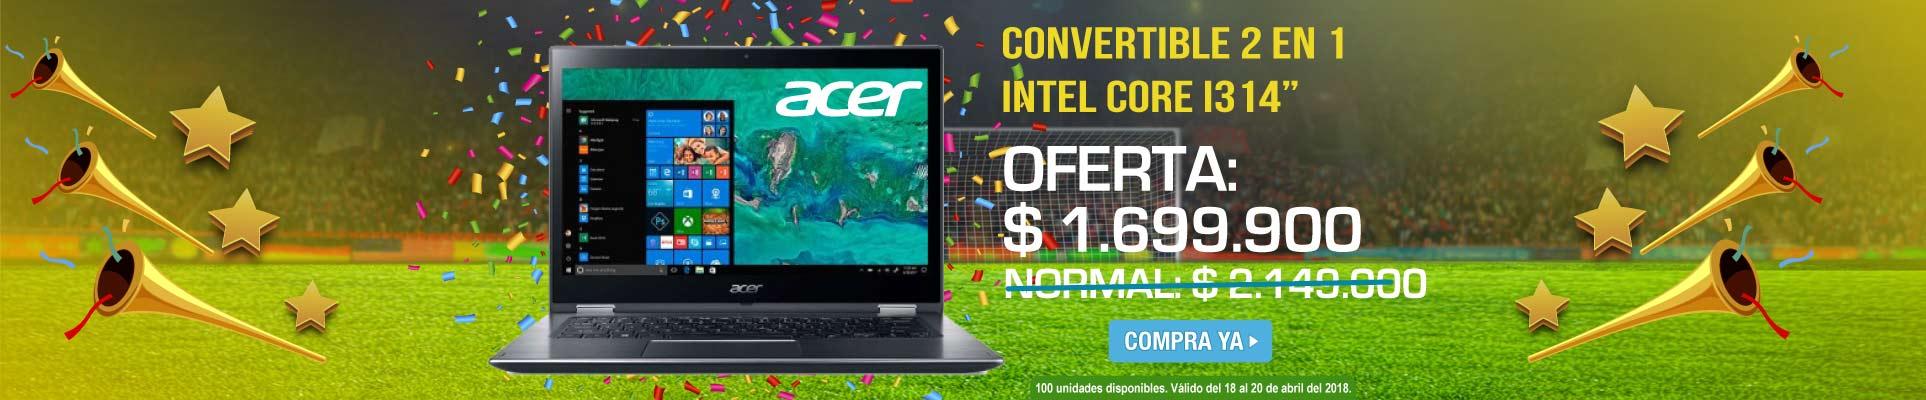 PPAL ALKP-4-computadores-Convertible 2 en 1 ACER - SP3314K - Intel Core I3 - 14-prod-Abril18-20